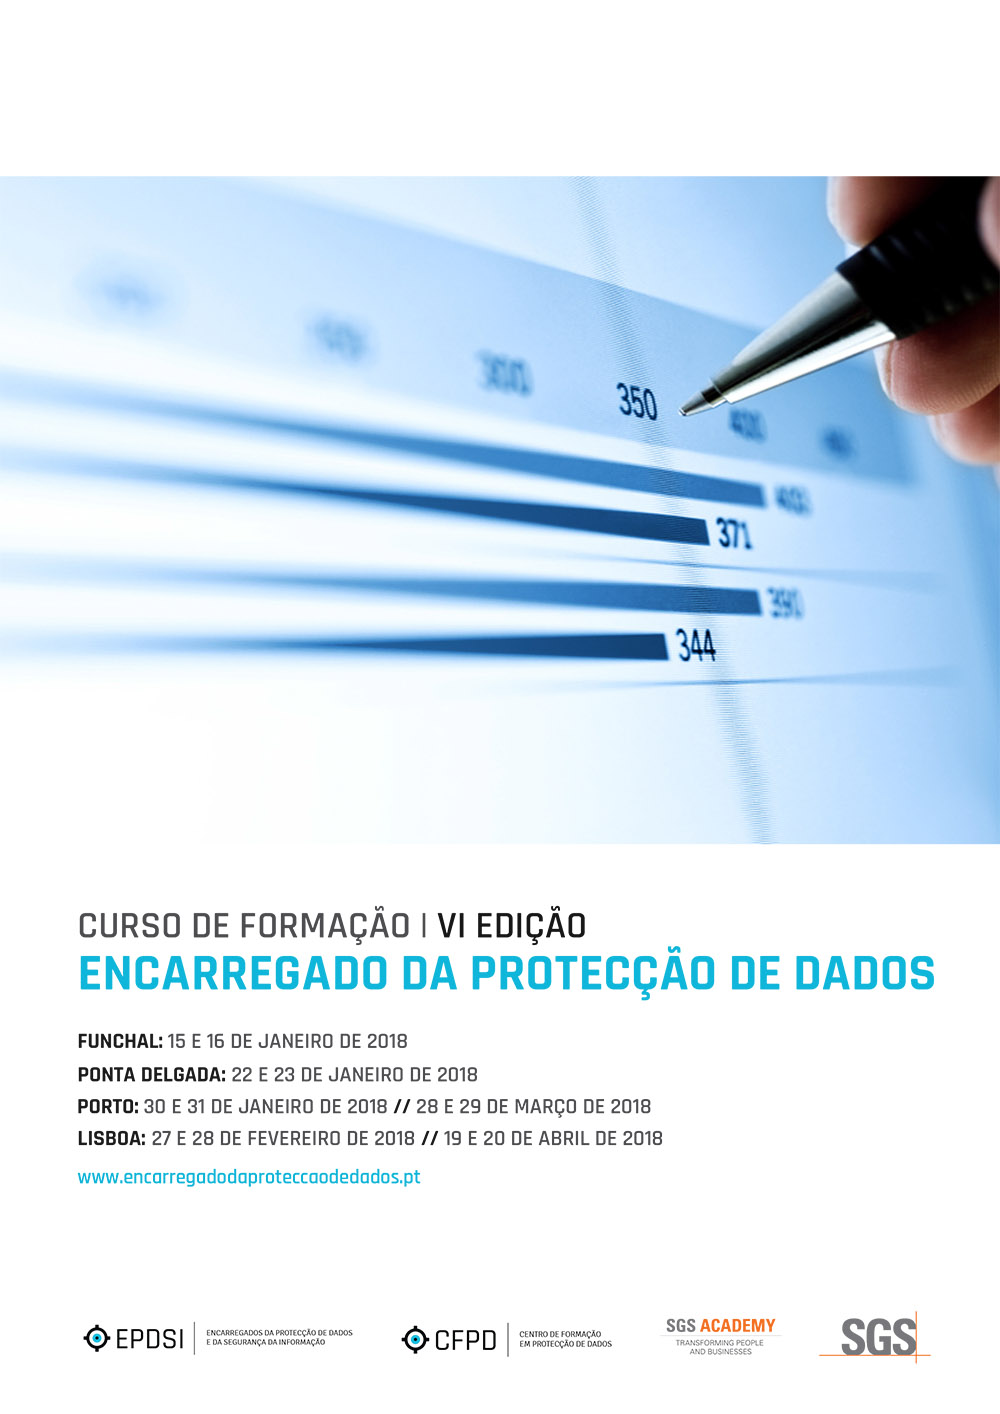 Calendário de Cursos - «Encarregado da Protecção de Dados» | «Data Protection Officer» - VI Edição